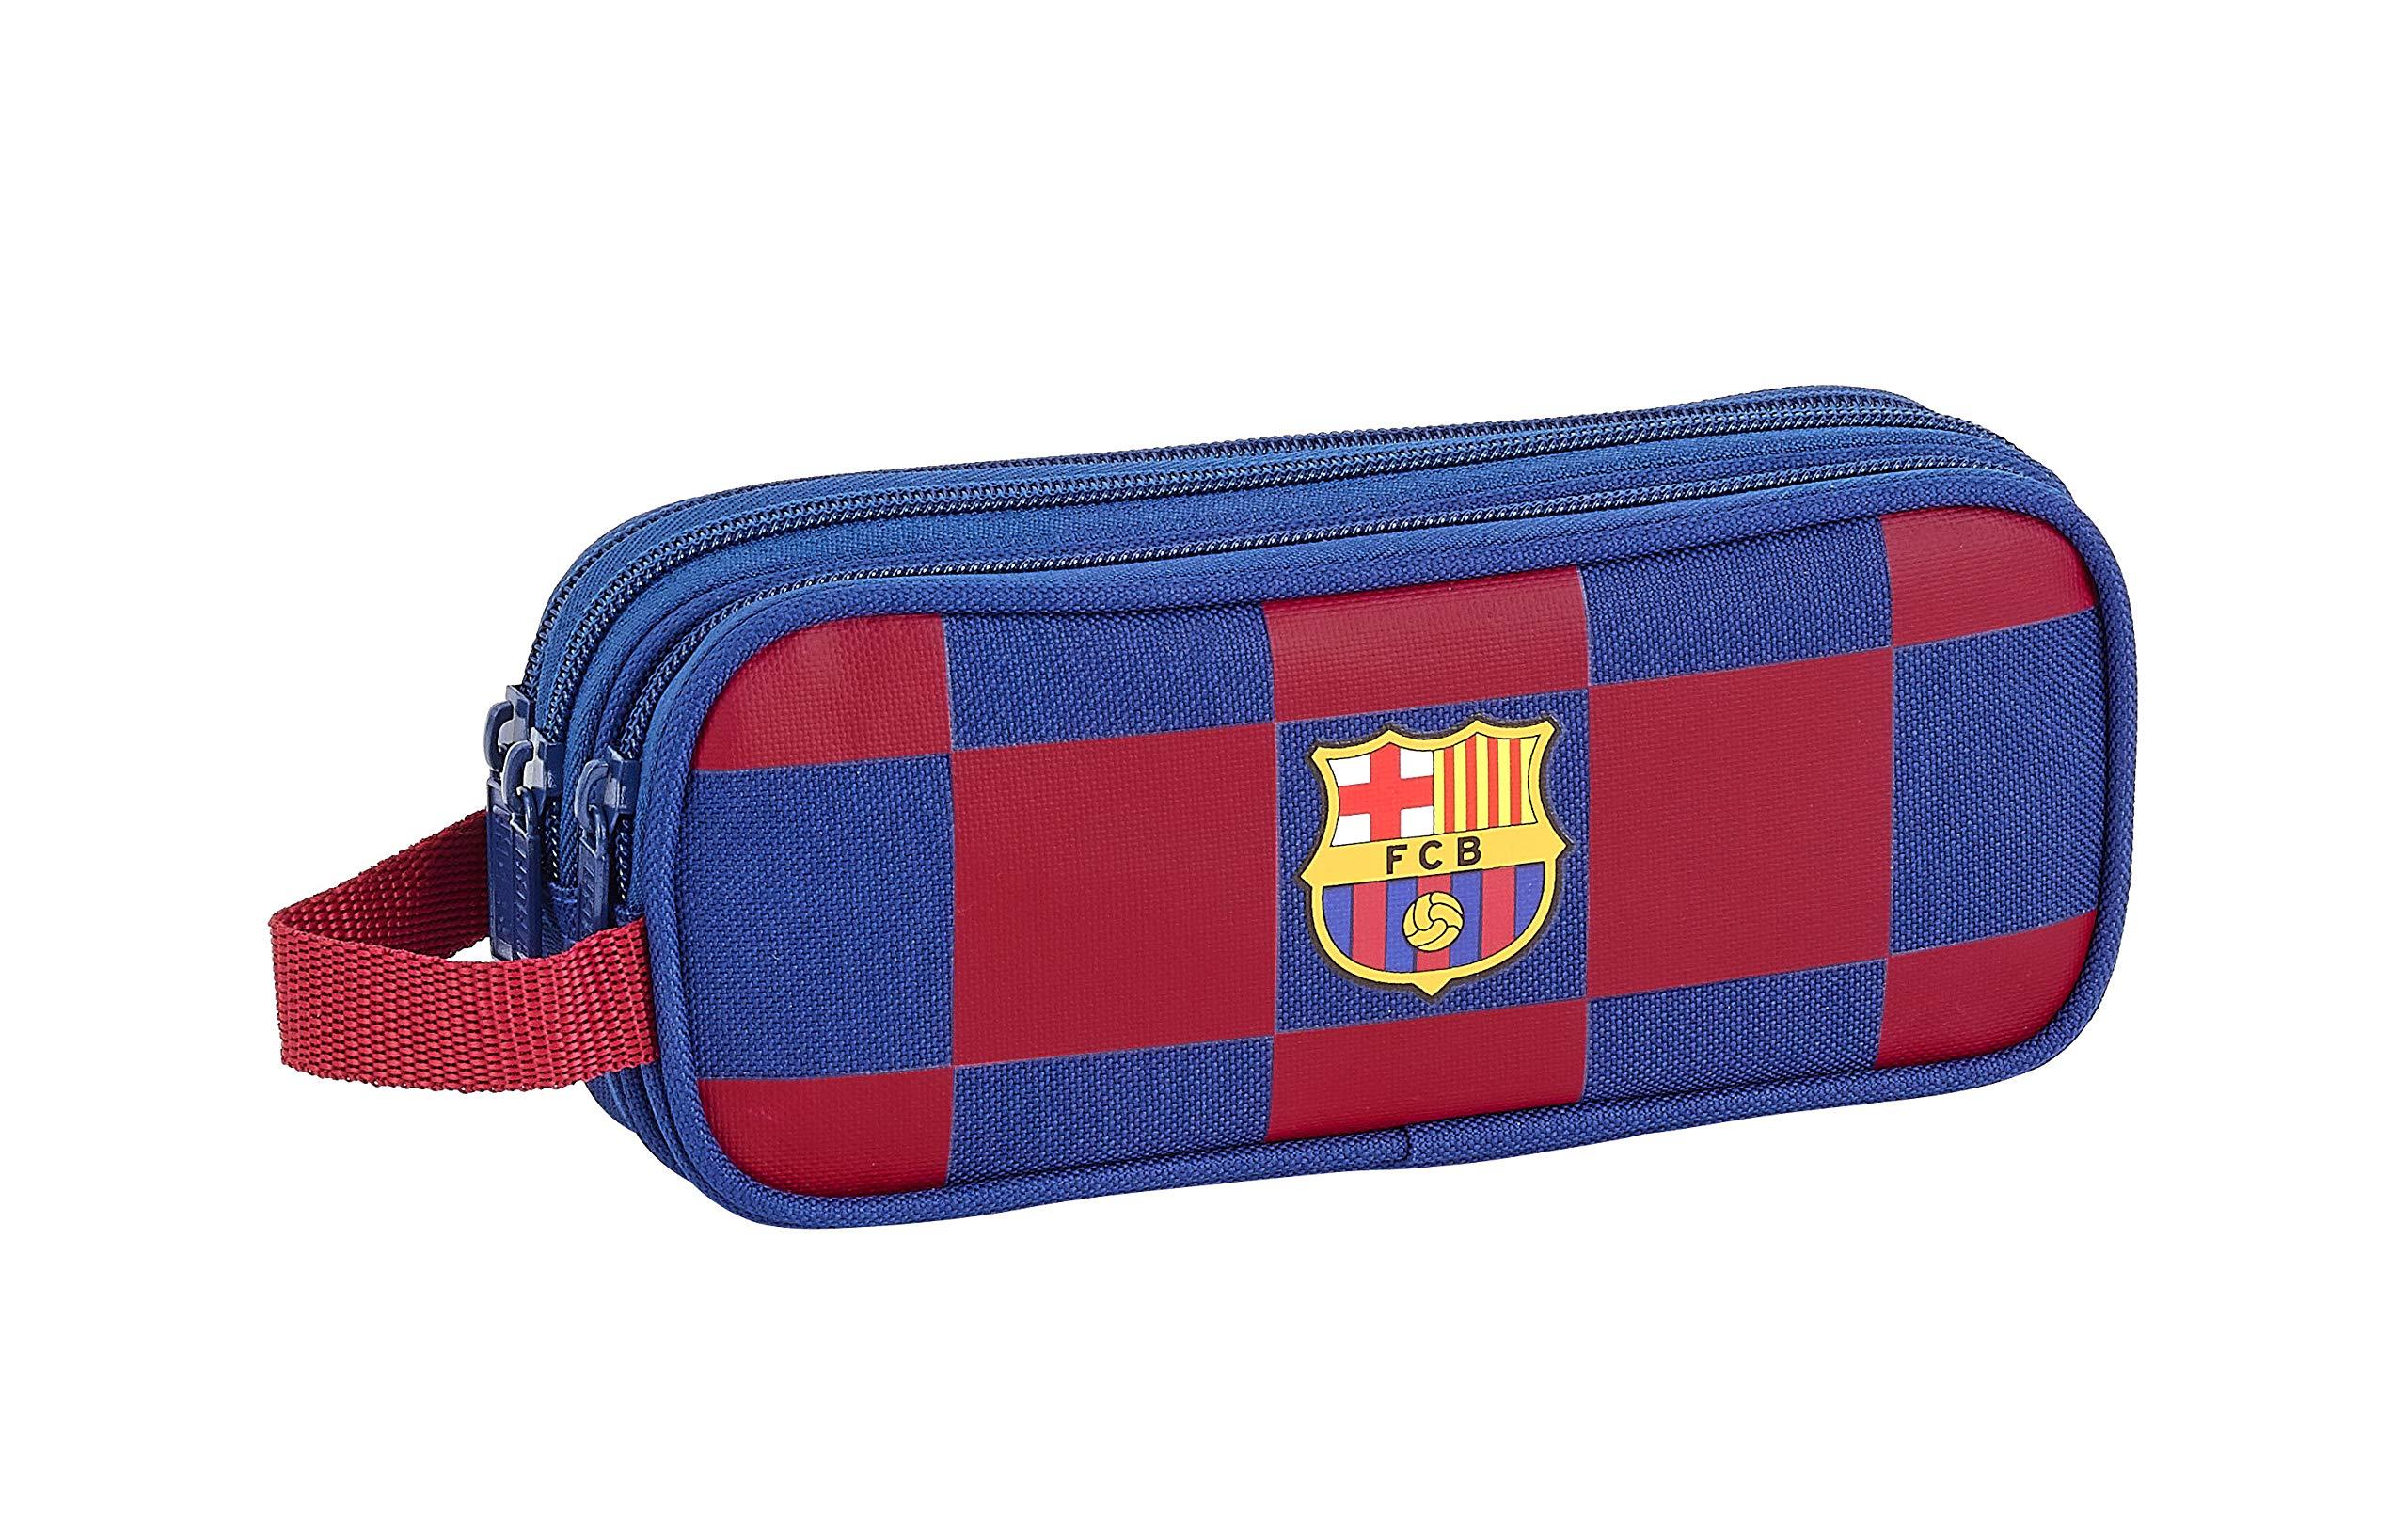 Estuche de FC Barcelona 1ª Equip. 19/20 Oficial Triple Cremallera 210x70x85mm